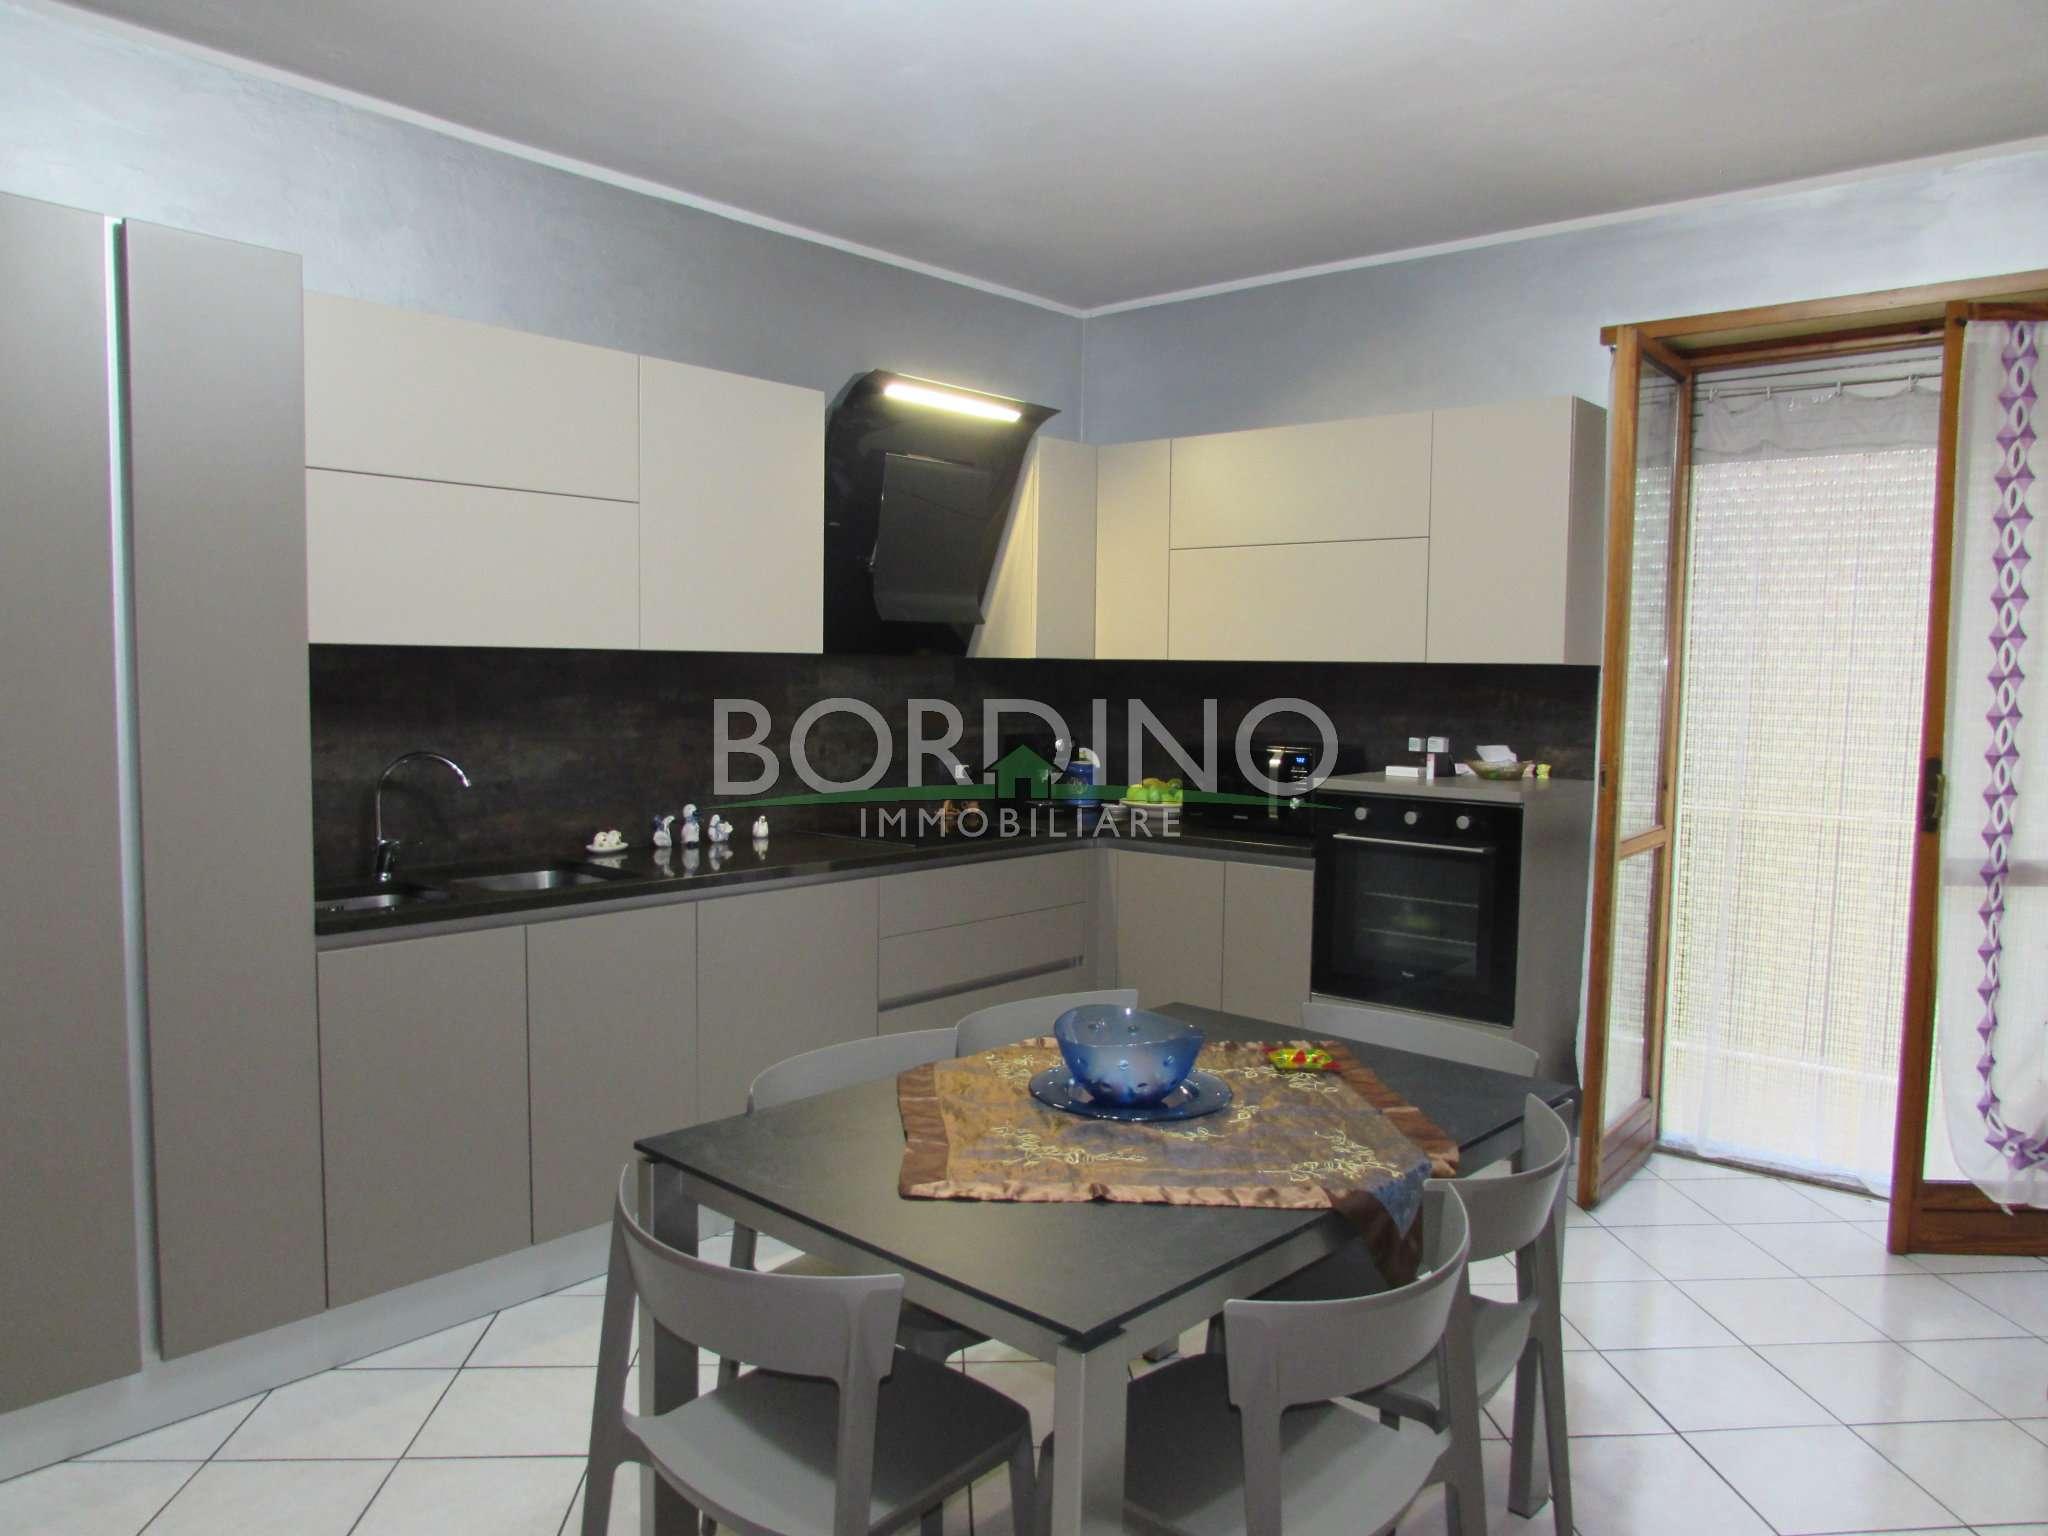 Appartamento in vendita a Castagnito, 3 locali, prezzo € 120.000 | CambioCasa.it